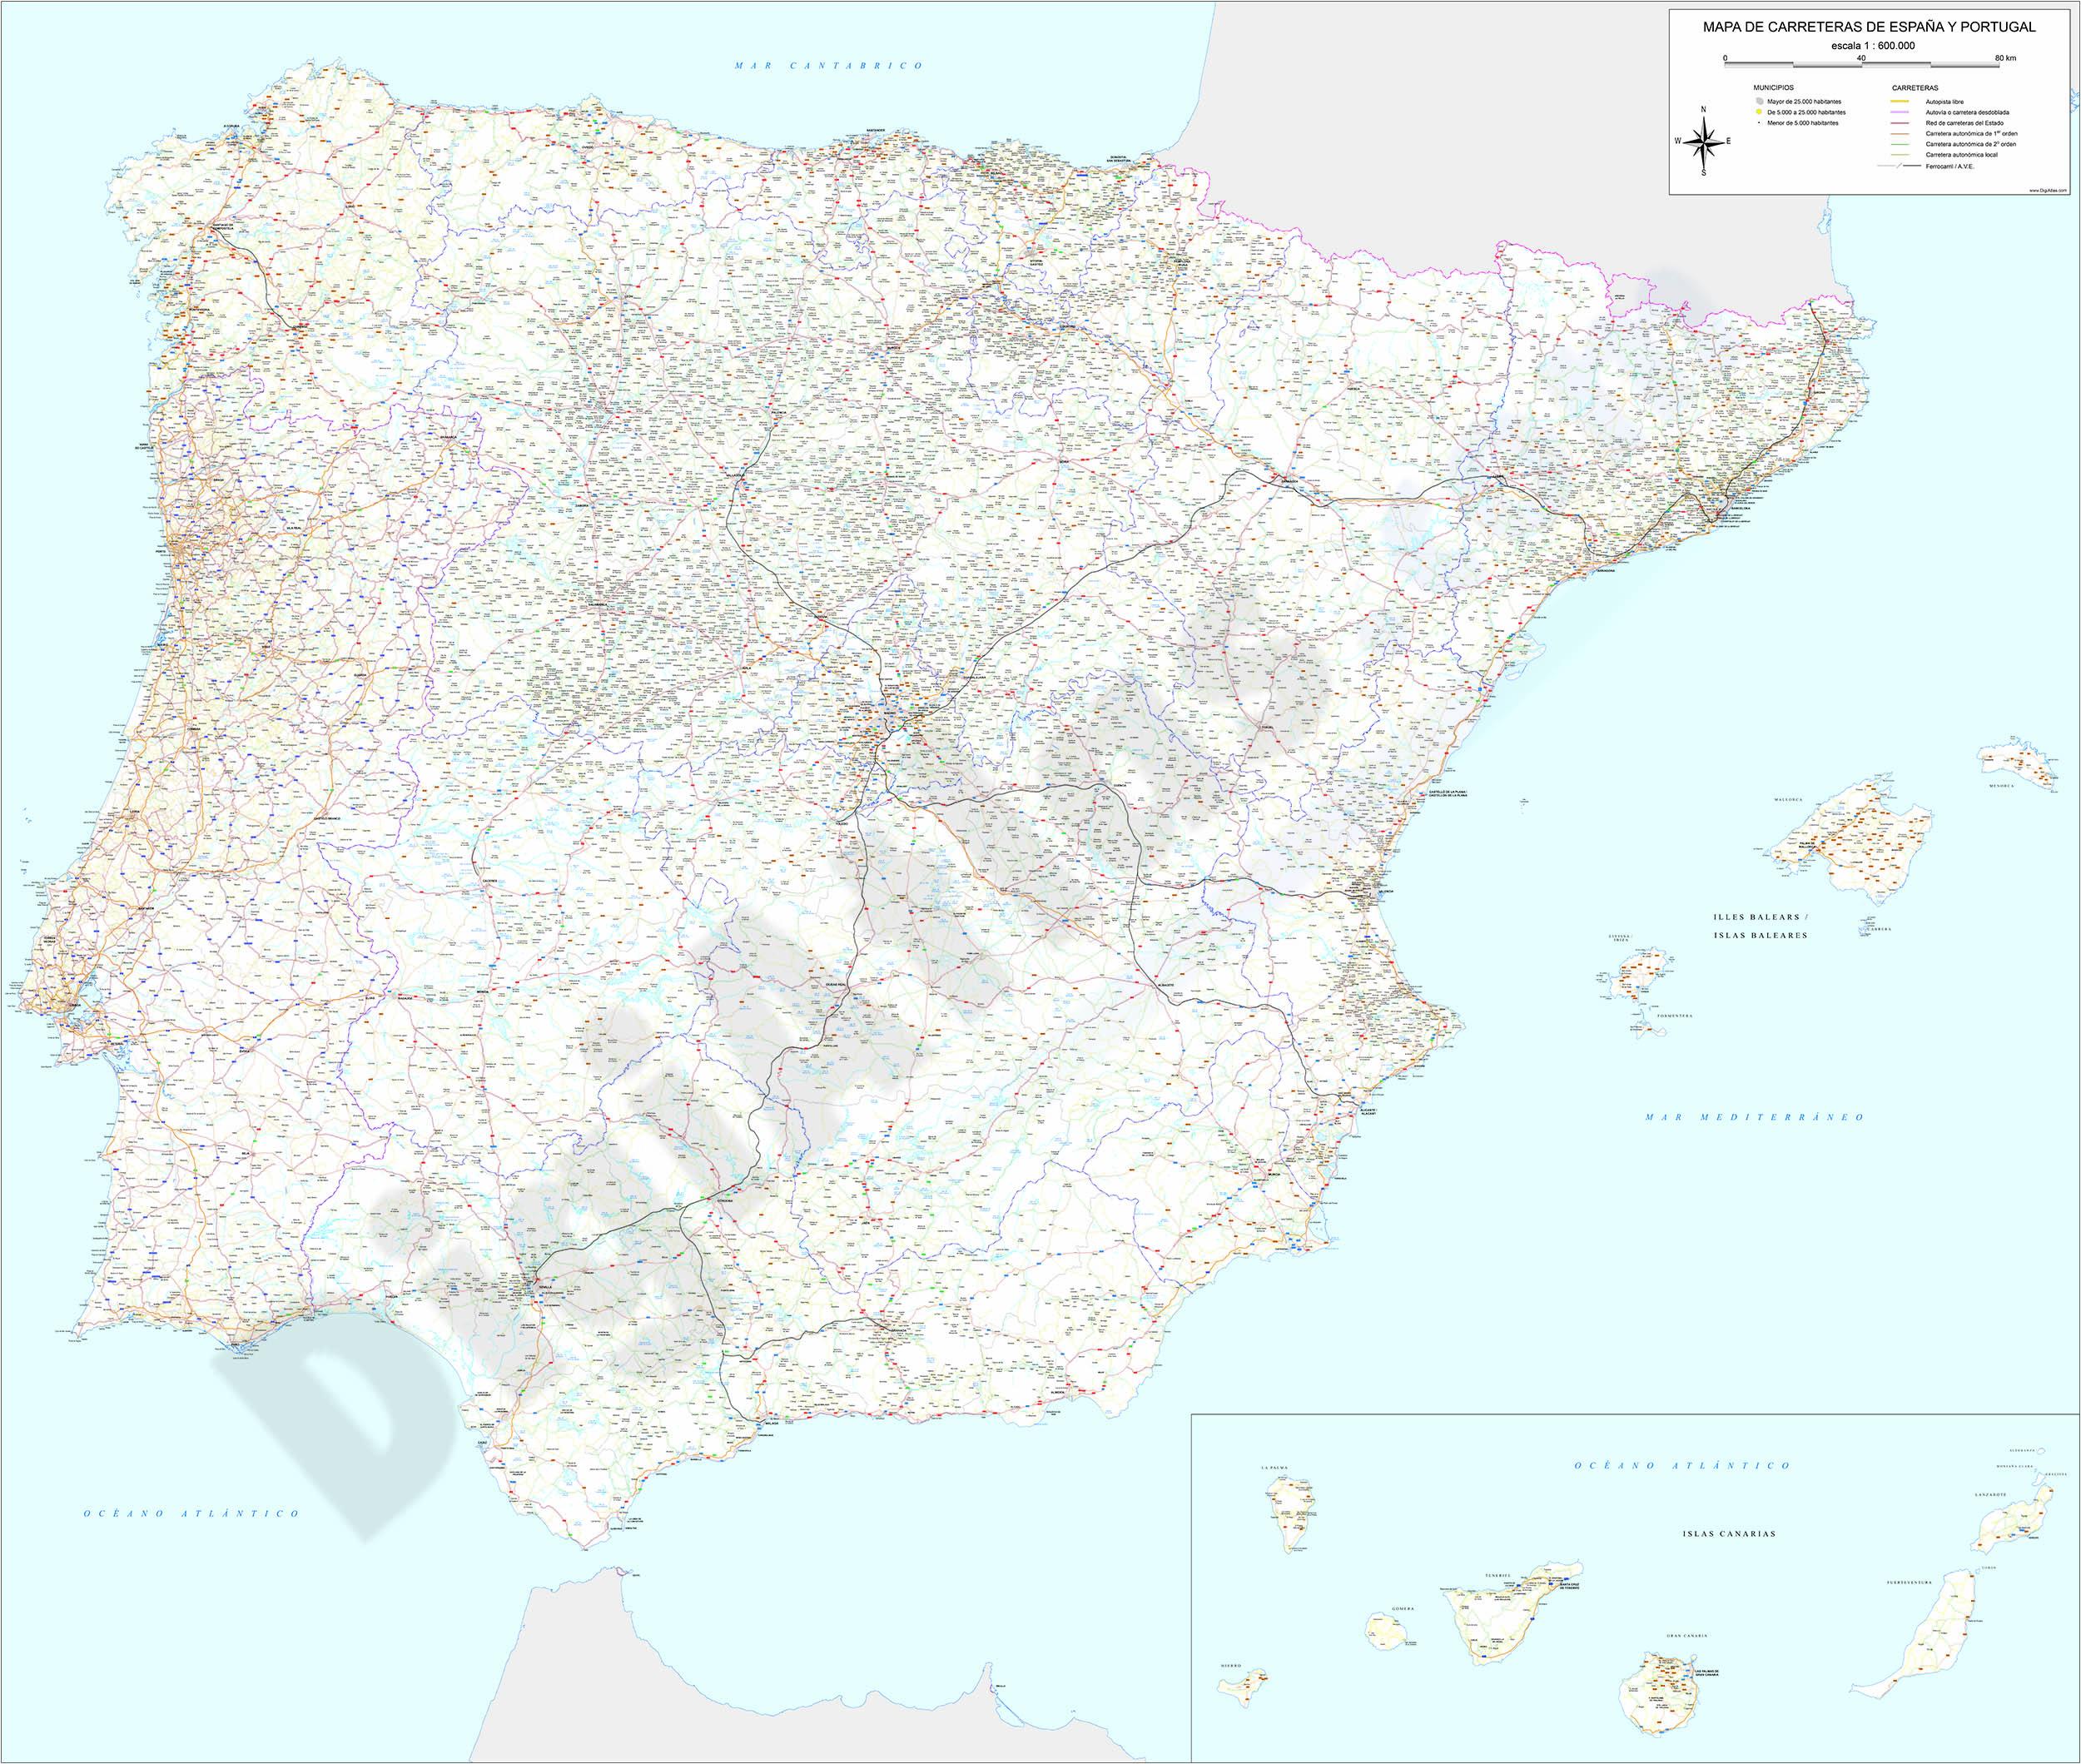 Mapa detallado de carreteras de España y Portugal en formato PDF